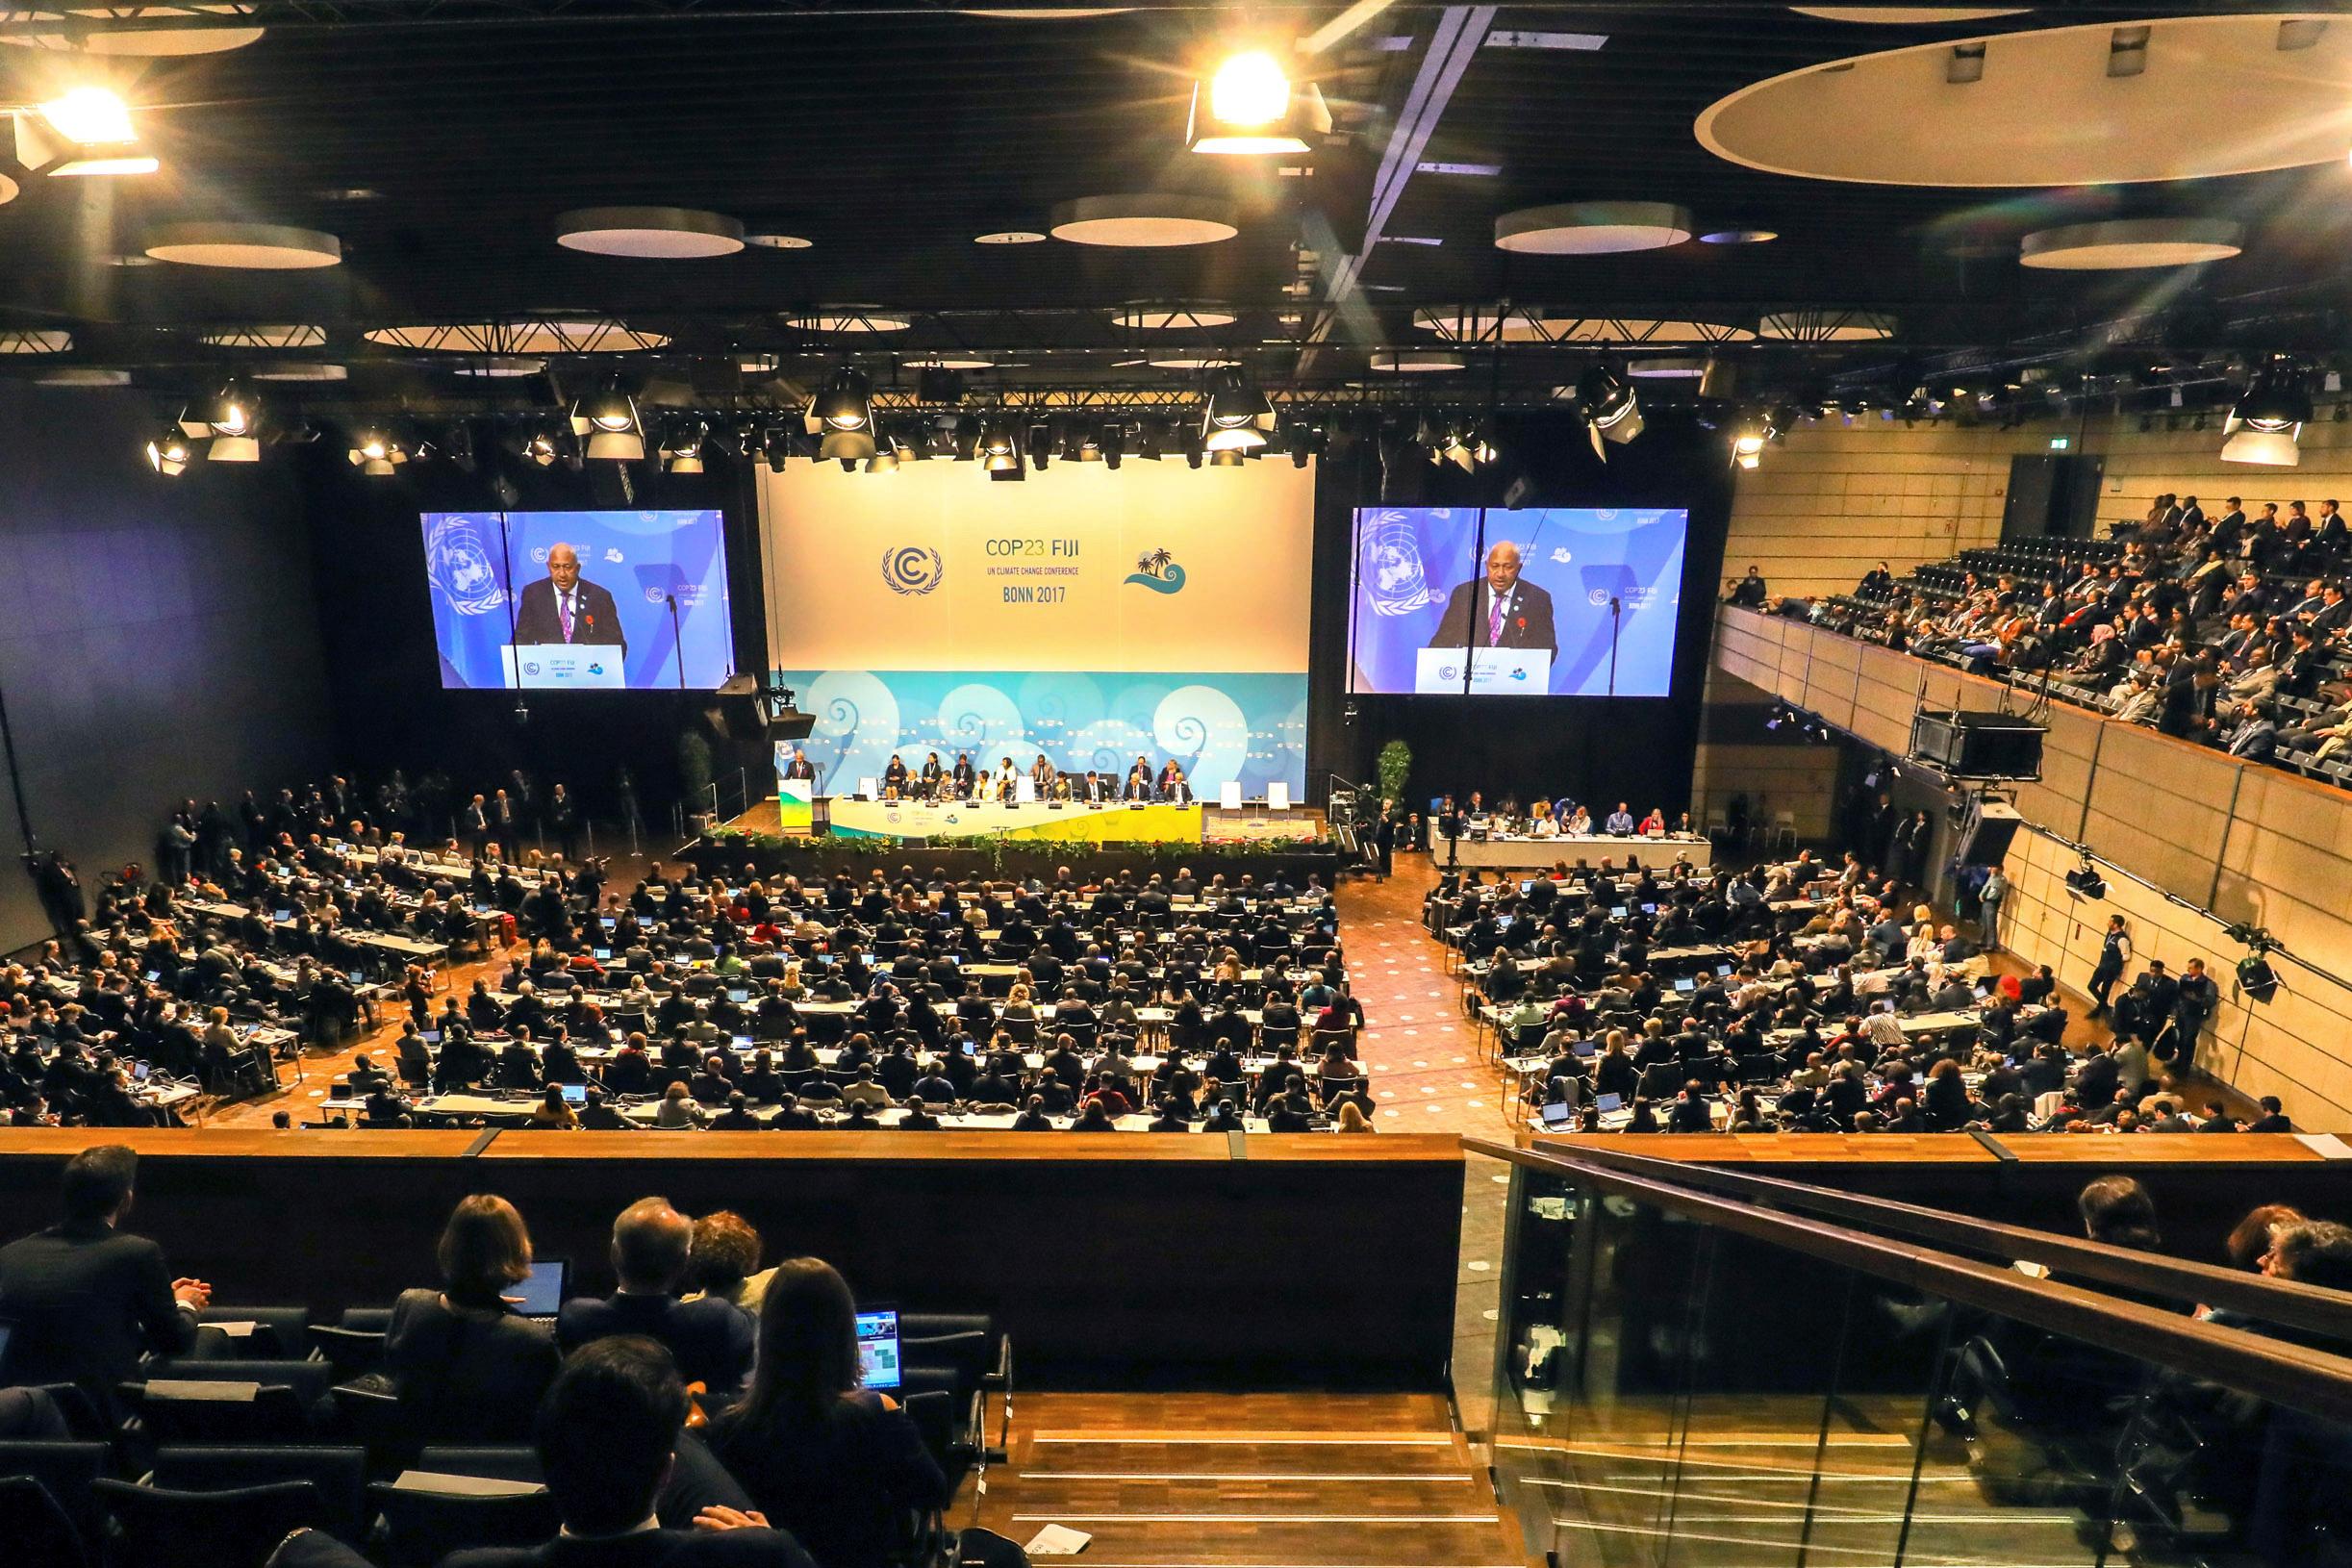 In Bonn hat die 23. Weltklimakonferenz begonnen. Die Teilnehmenden aus mehr als 190 Ländern wollen bei der UN-Konferenz bis zum 17. November über die Umsetzung des Pariser Klimaabkommens beraten.